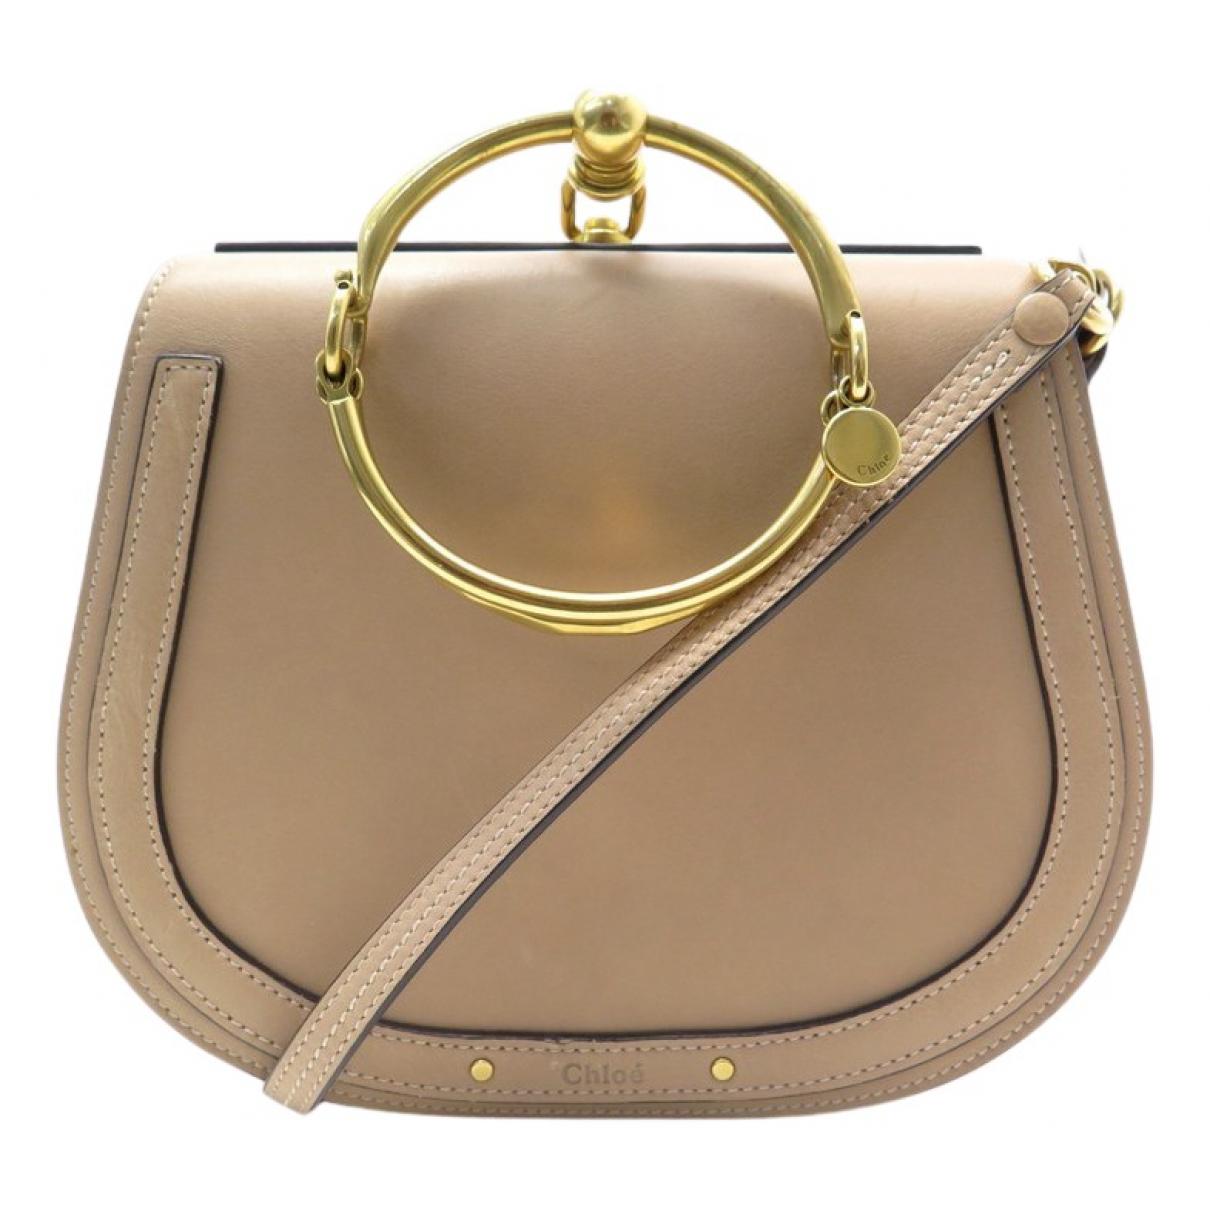 Chloé Bracelet Nile Beige Leather handbag for Women N